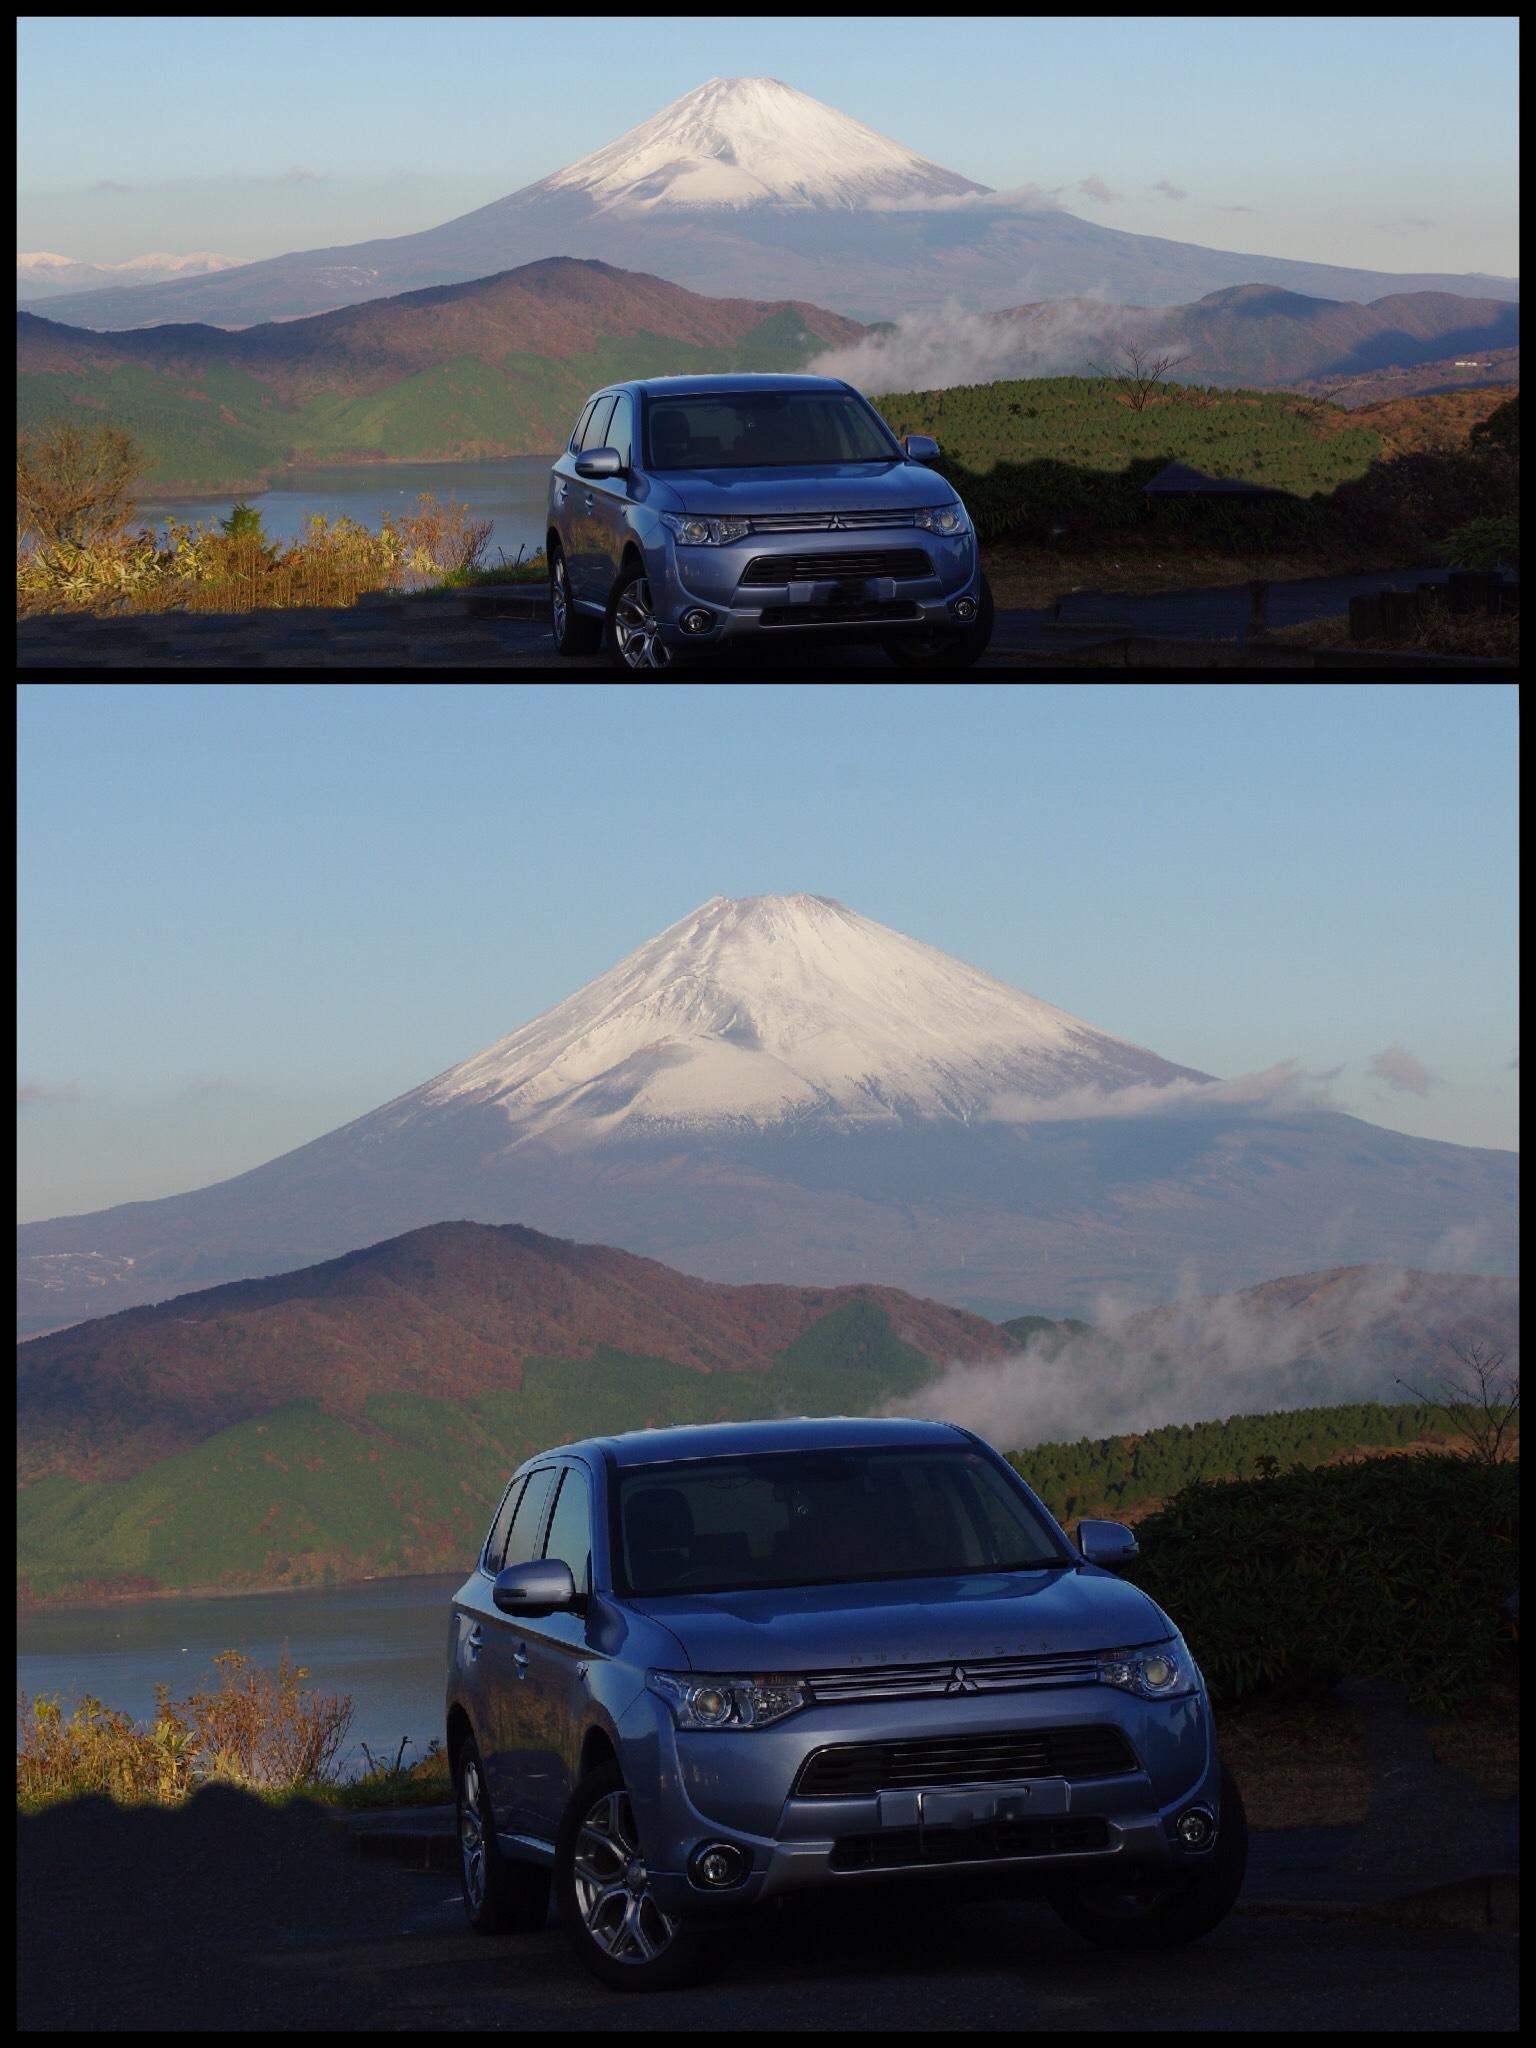 箱根ターンパイク 大観山スカイラウンジ 富士山と芦ノ湖 クルマの写真 アウトランダーPHEV